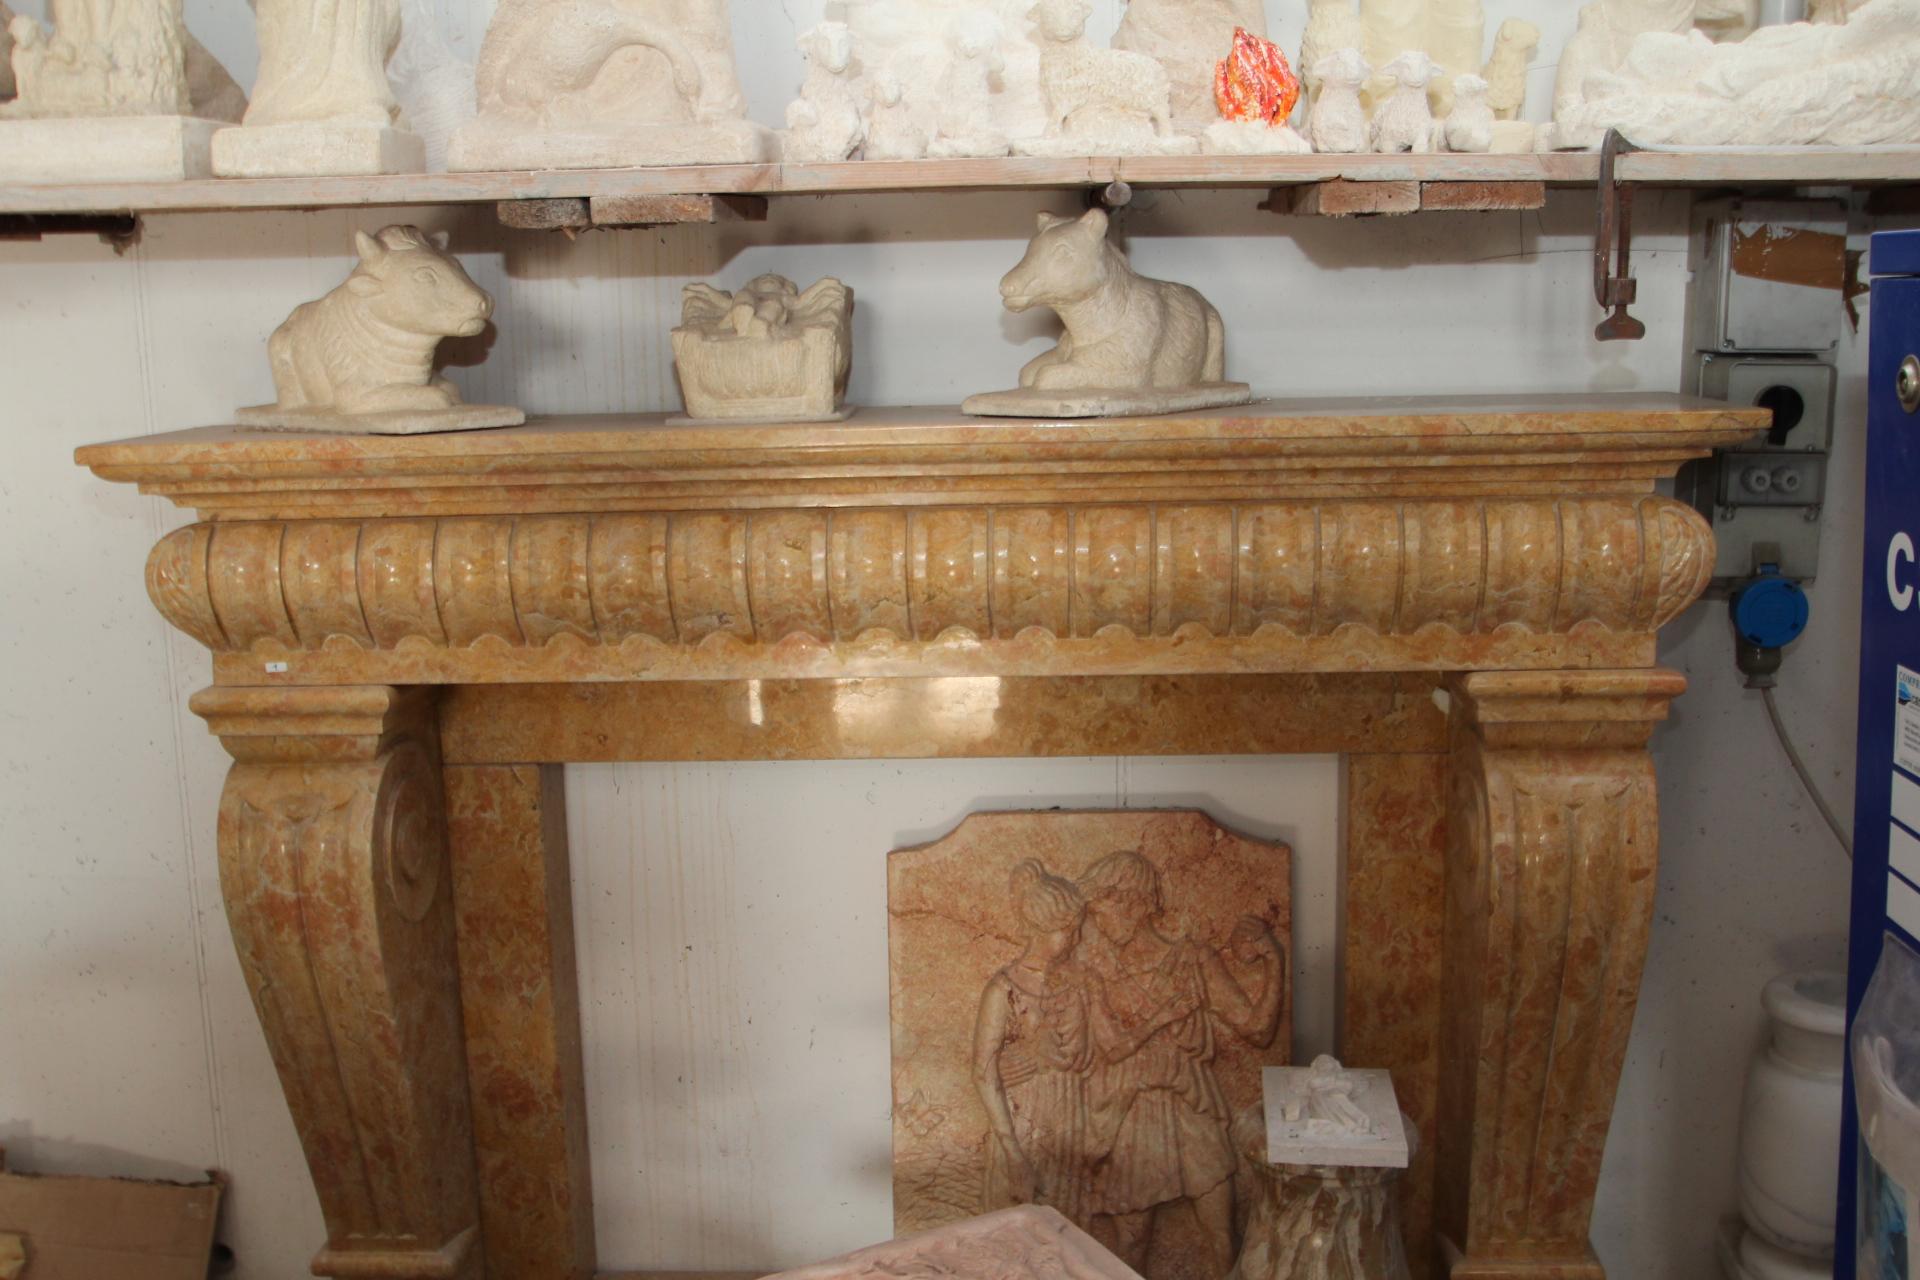 Zem enrico marmi arzignano foto camini e caminetti in marmo